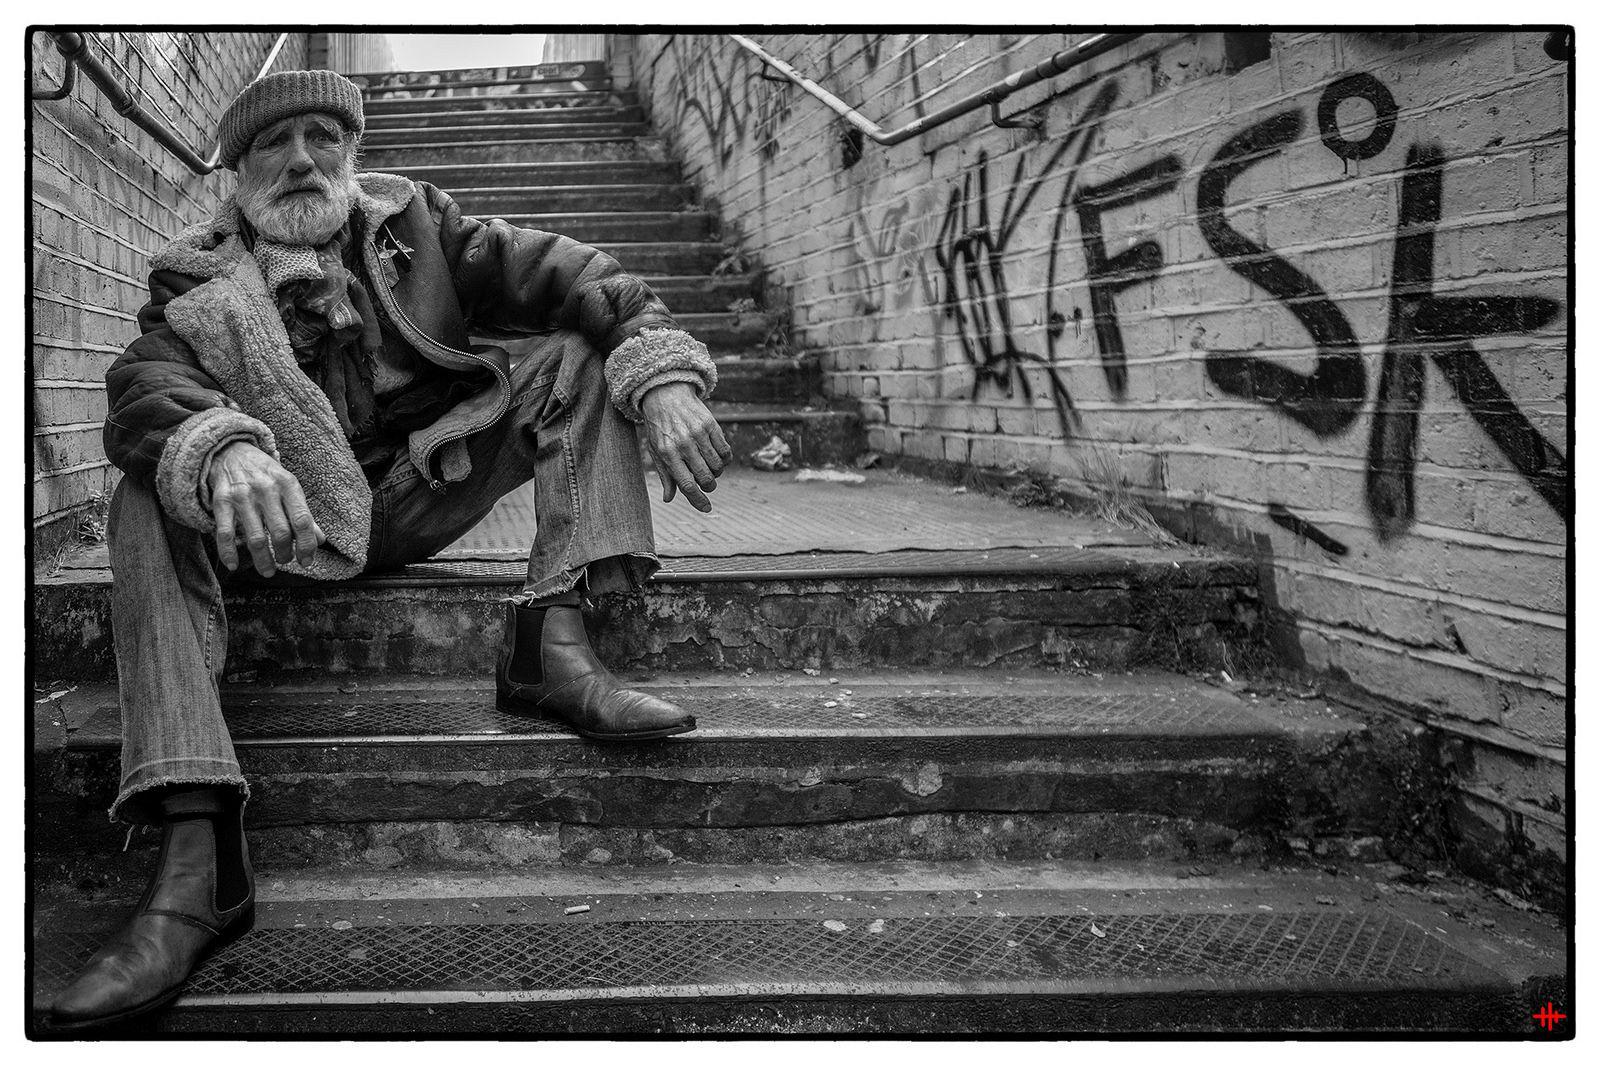 Men at work Brick Lane London   London photos, Street